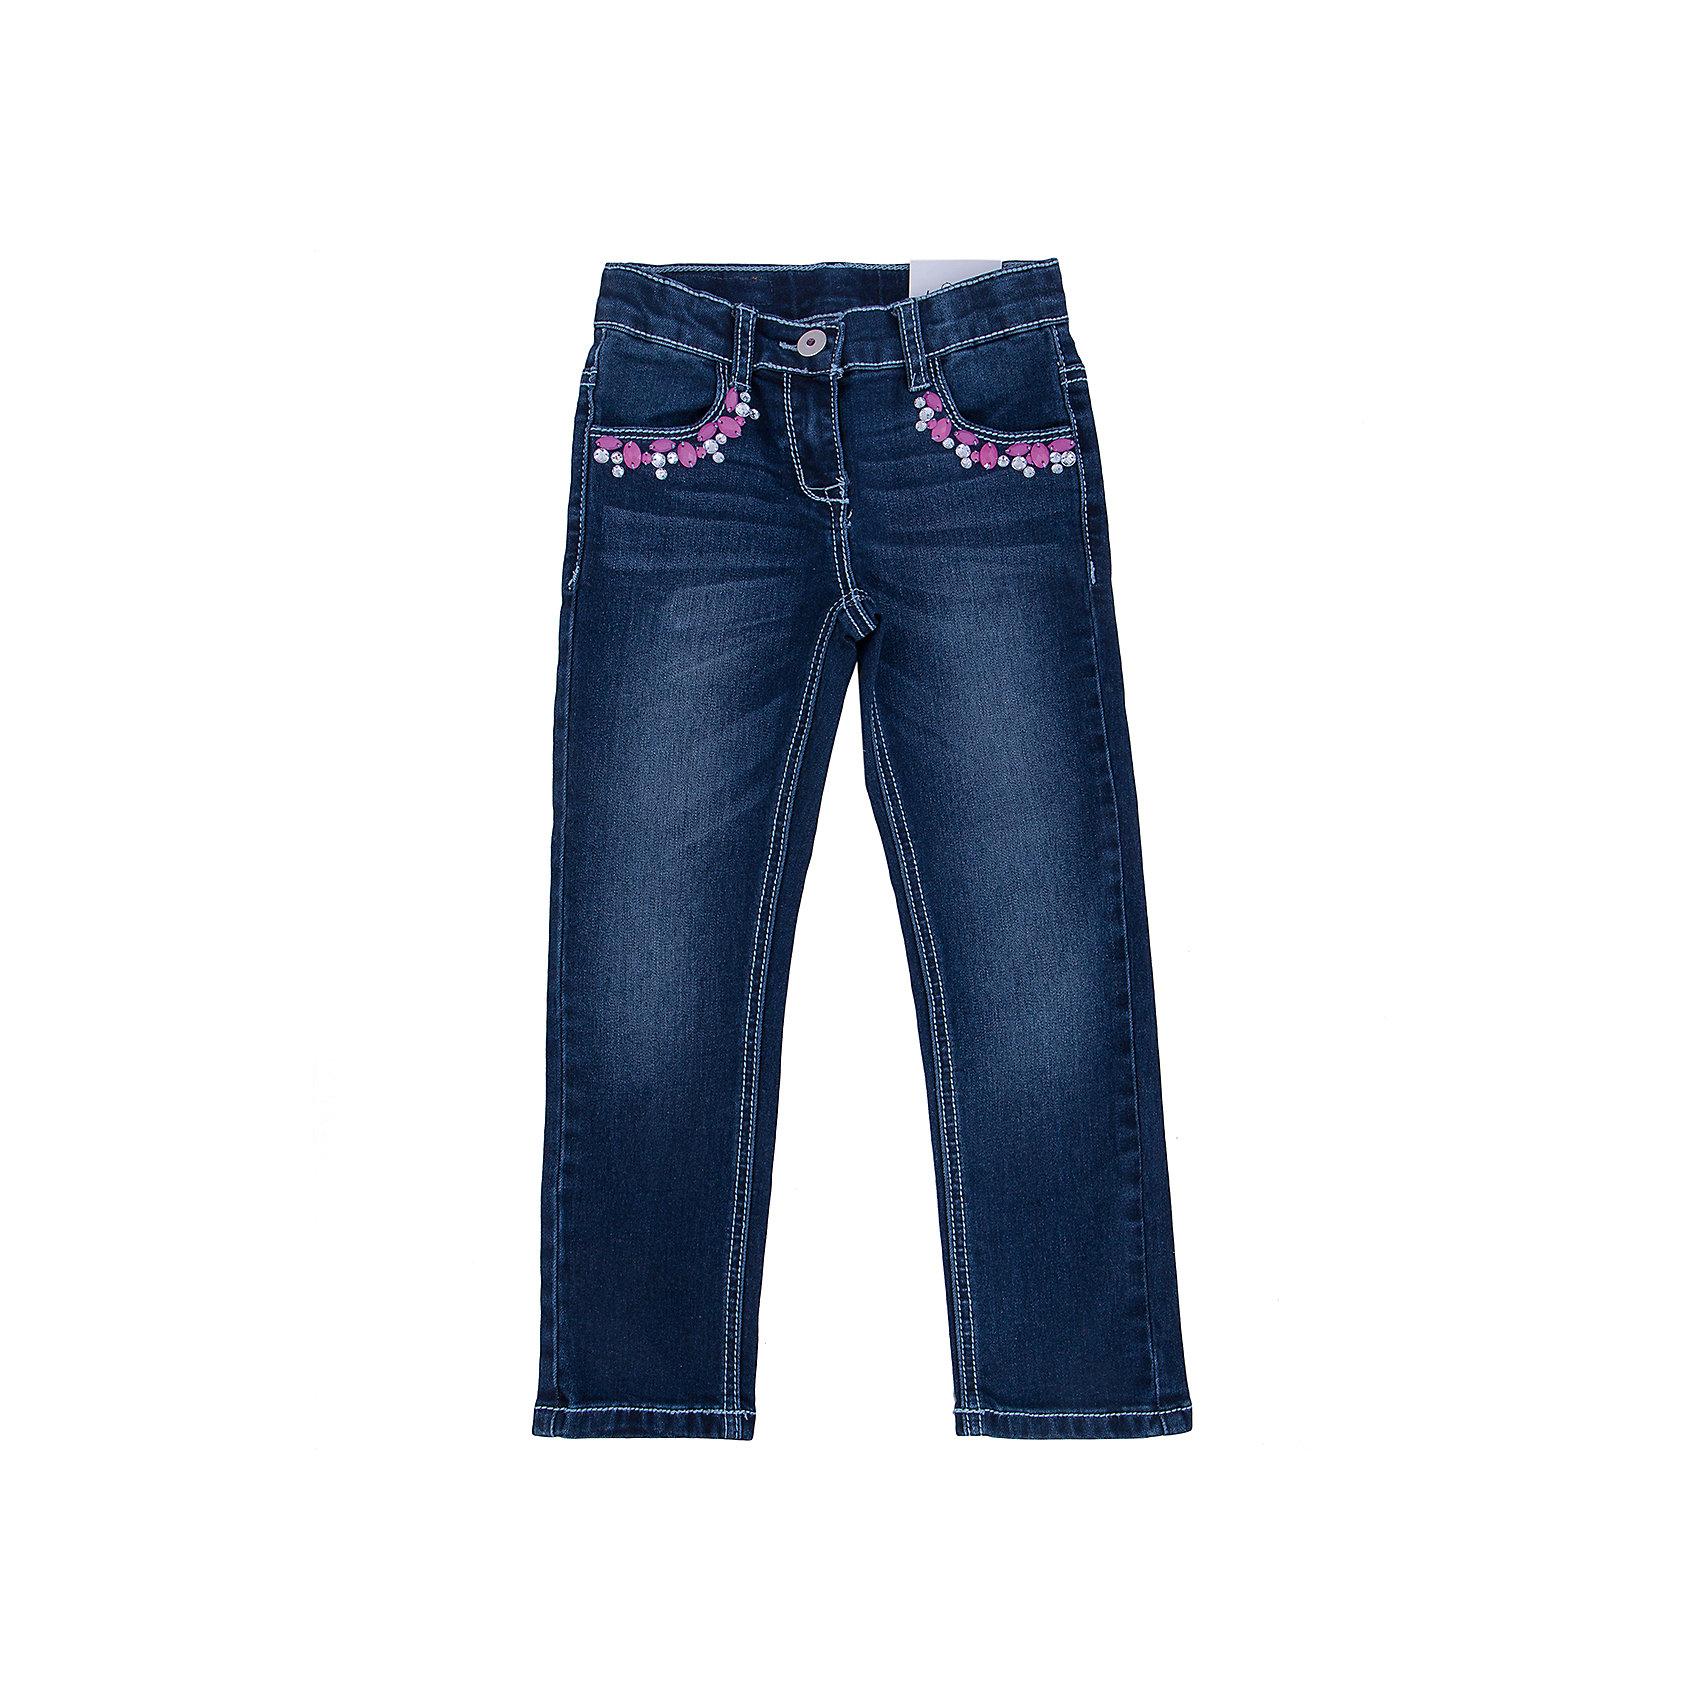 Джинсы для девочки PlayTodayДжинсовая одежда<br>Джинсы для девочки от известного бренда PlayToday.<br>Стильные джинсы прямого кроя. Застегиваются на молнию и пуговицу. Украшены крупными сверкающими стразами. Есть 4 функциональных кармана.<br>Состав:<br>75% хлопок, 23% полиэстер, 2% эластан<br><br>Ширина мм: 215<br>Глубина мм: 88<br>Высота мм: 191<br>Вес г: 336<br>Цвет: синий<br>Возраст от месяцев: 72<br>Возраст до месяцев: 84<br>Пол: Женский<br>Возраст: Детский<br>Размер: 122,104,128,110,116,98<br>SKU: 4896971